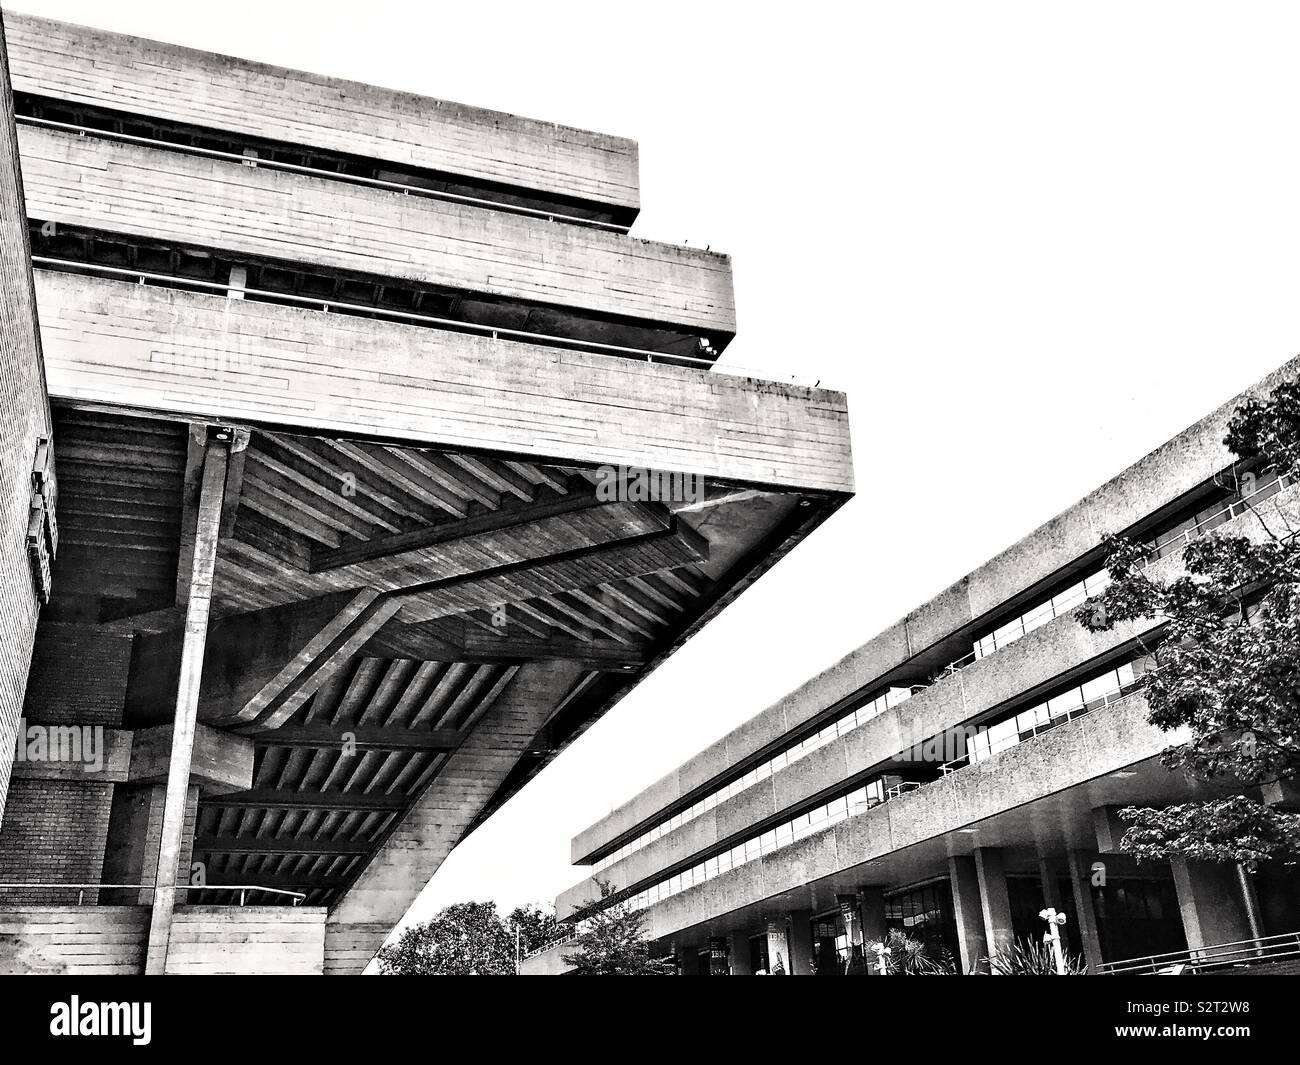 Le Théâtre National de l'architecture brutaliste, sur la rive sud de la Tamise, Londres, Angleterre. Photo Stock